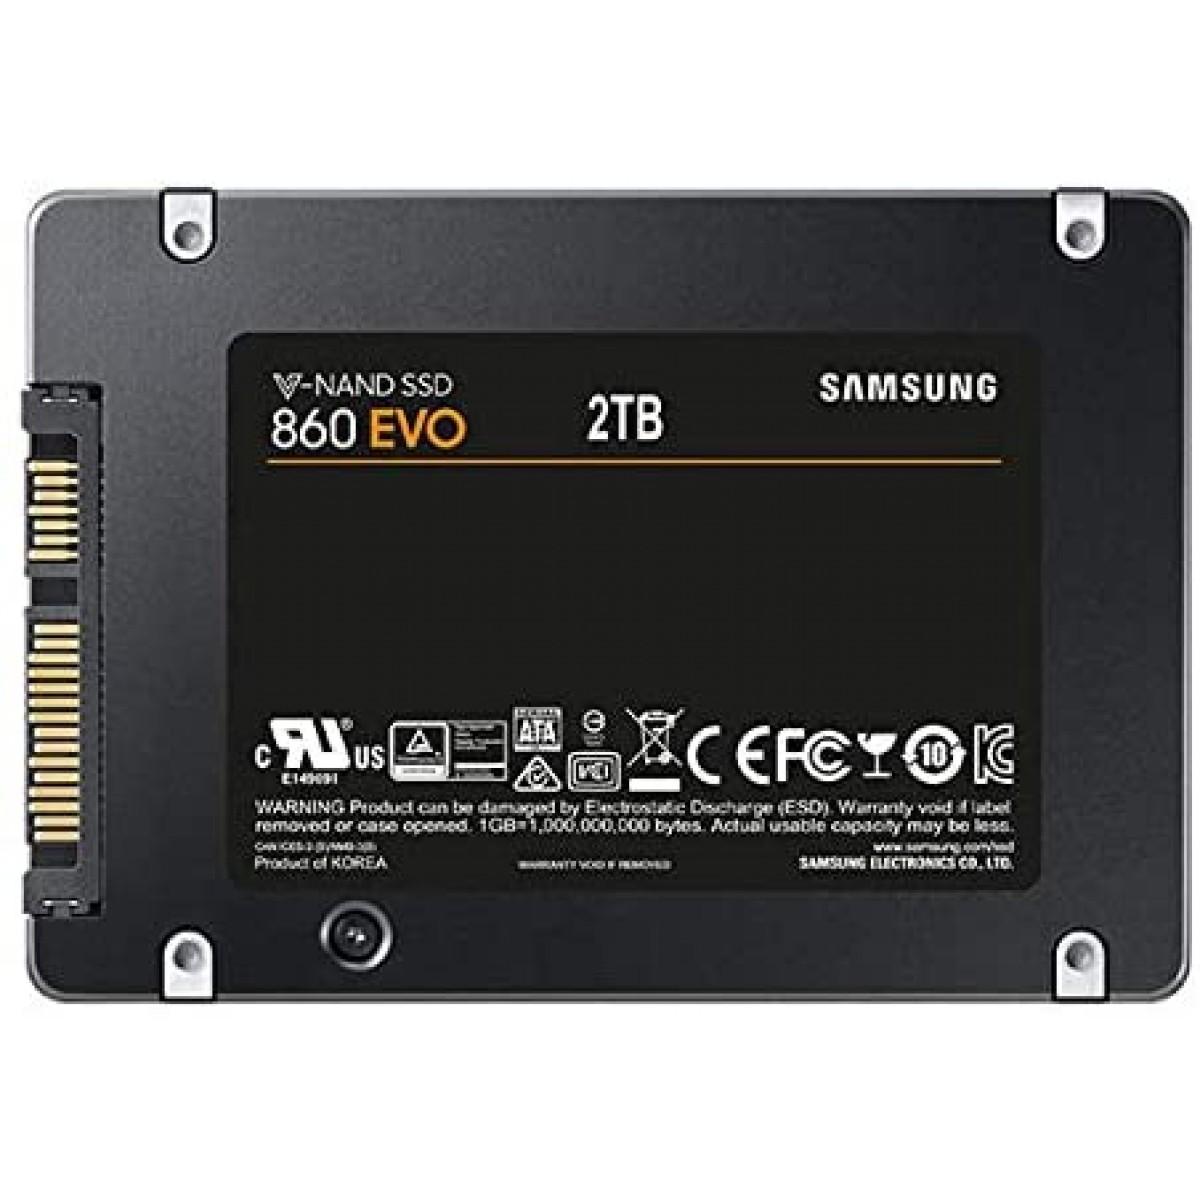 SSD Samsung EVO 860, 2TB, SATA III MZ-76E2T0E